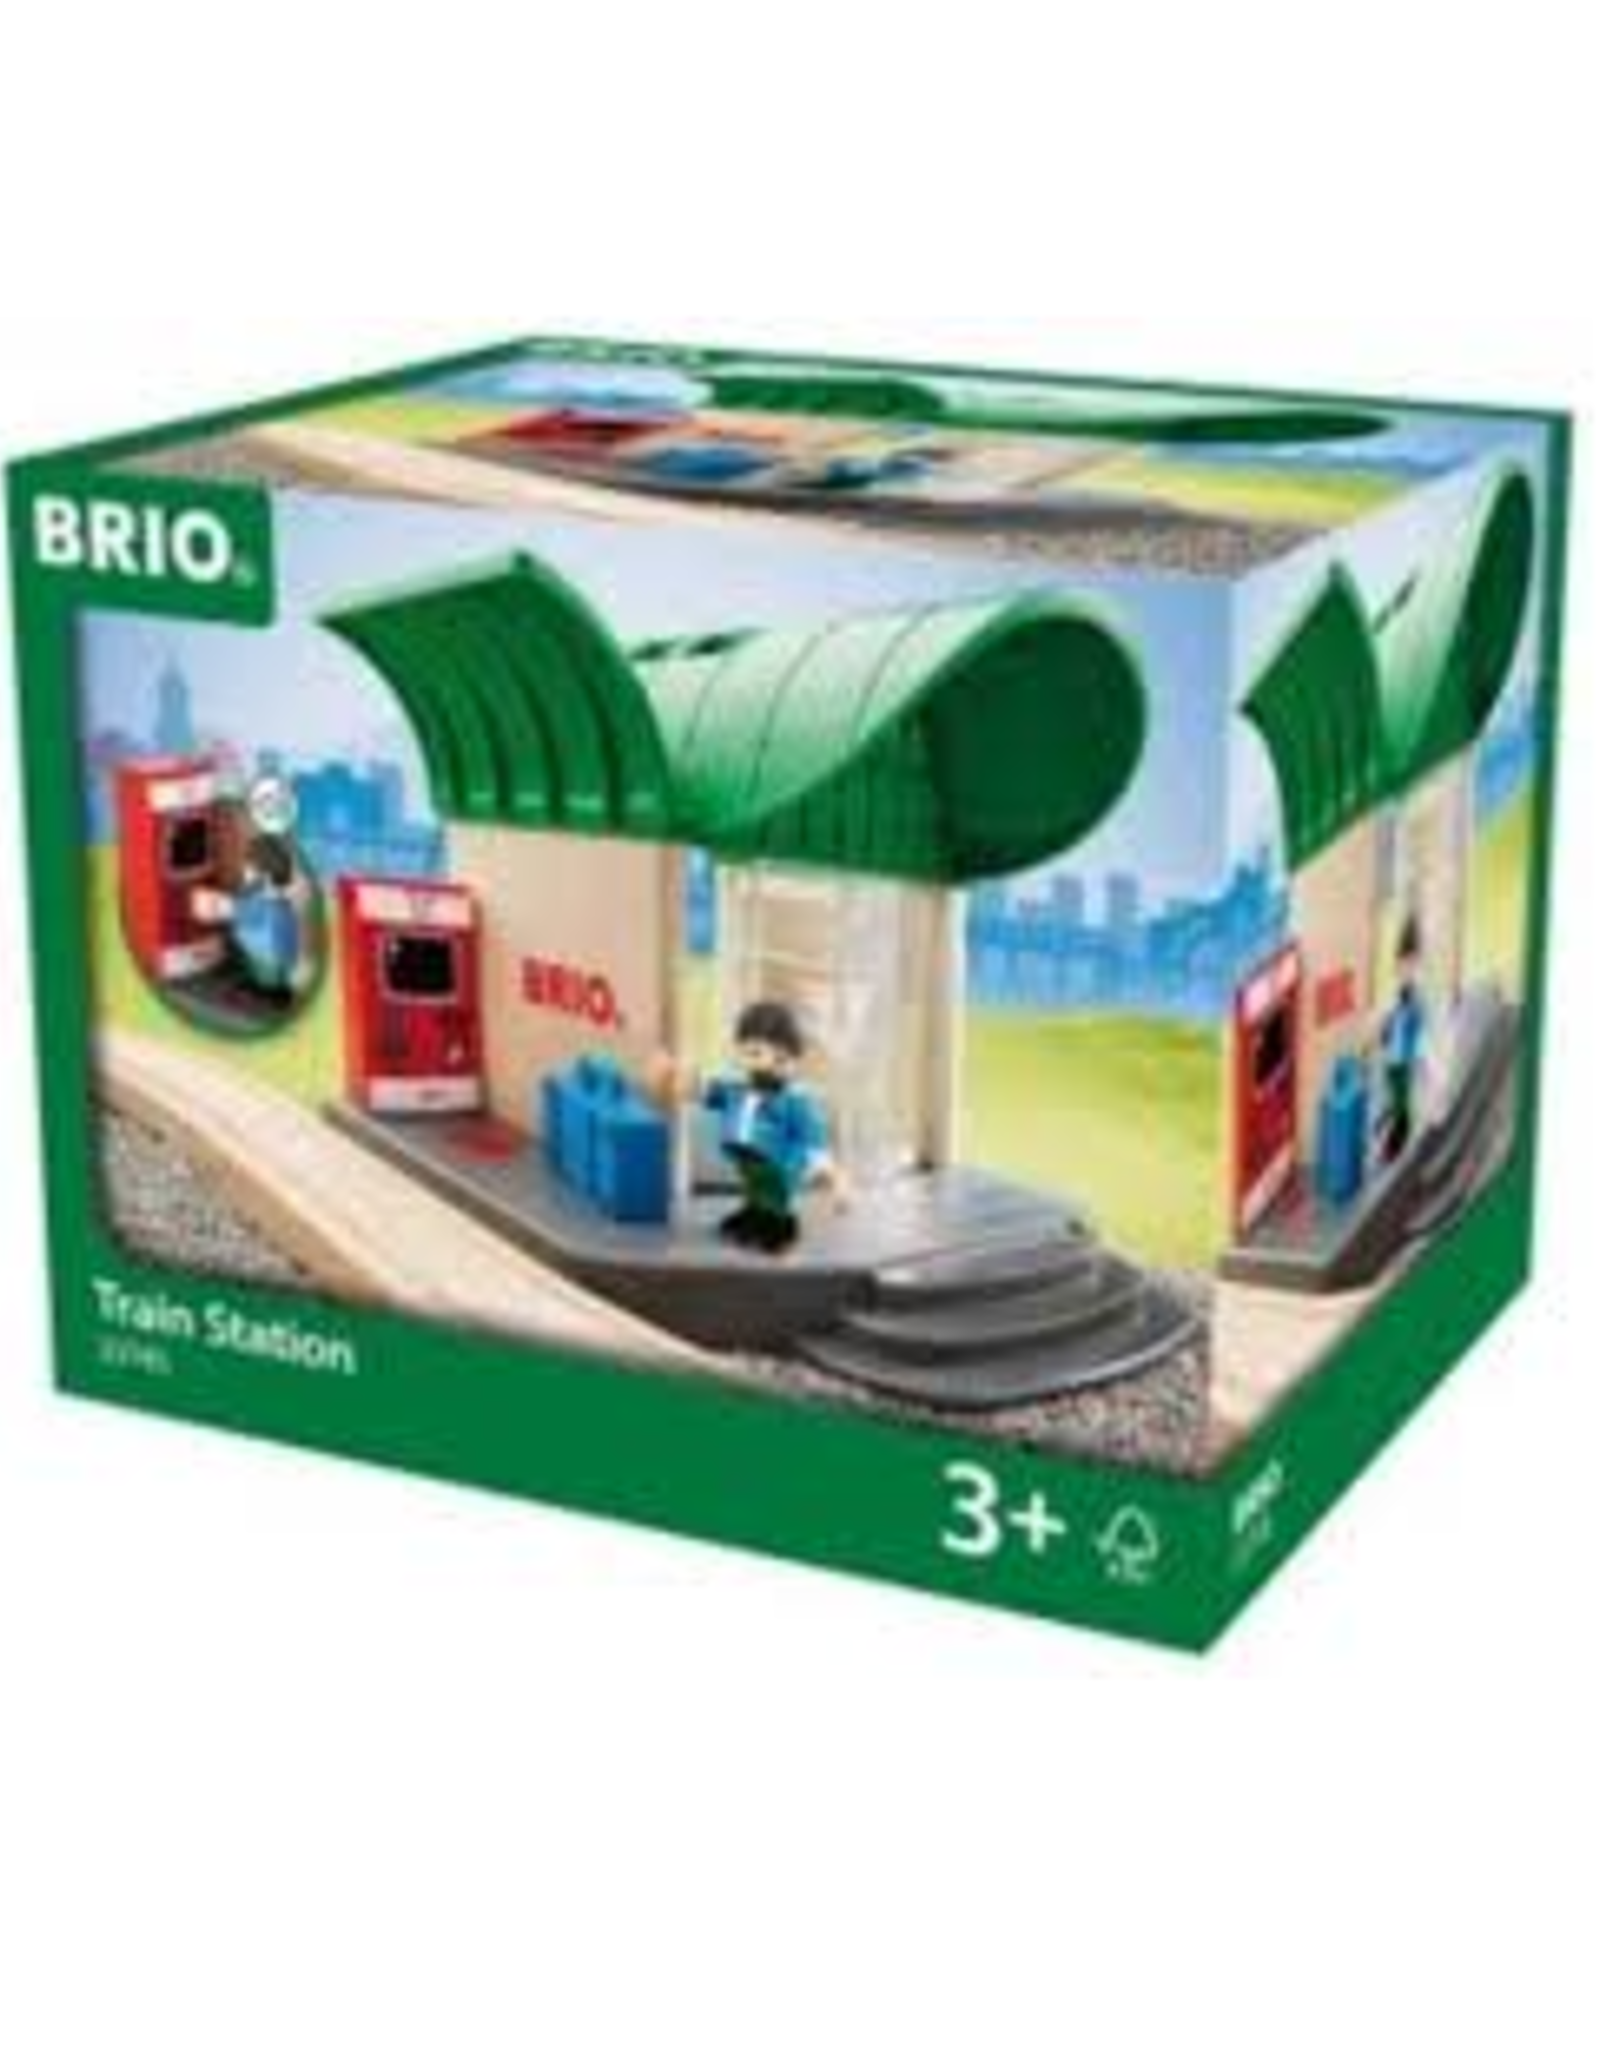 Train Station Brio